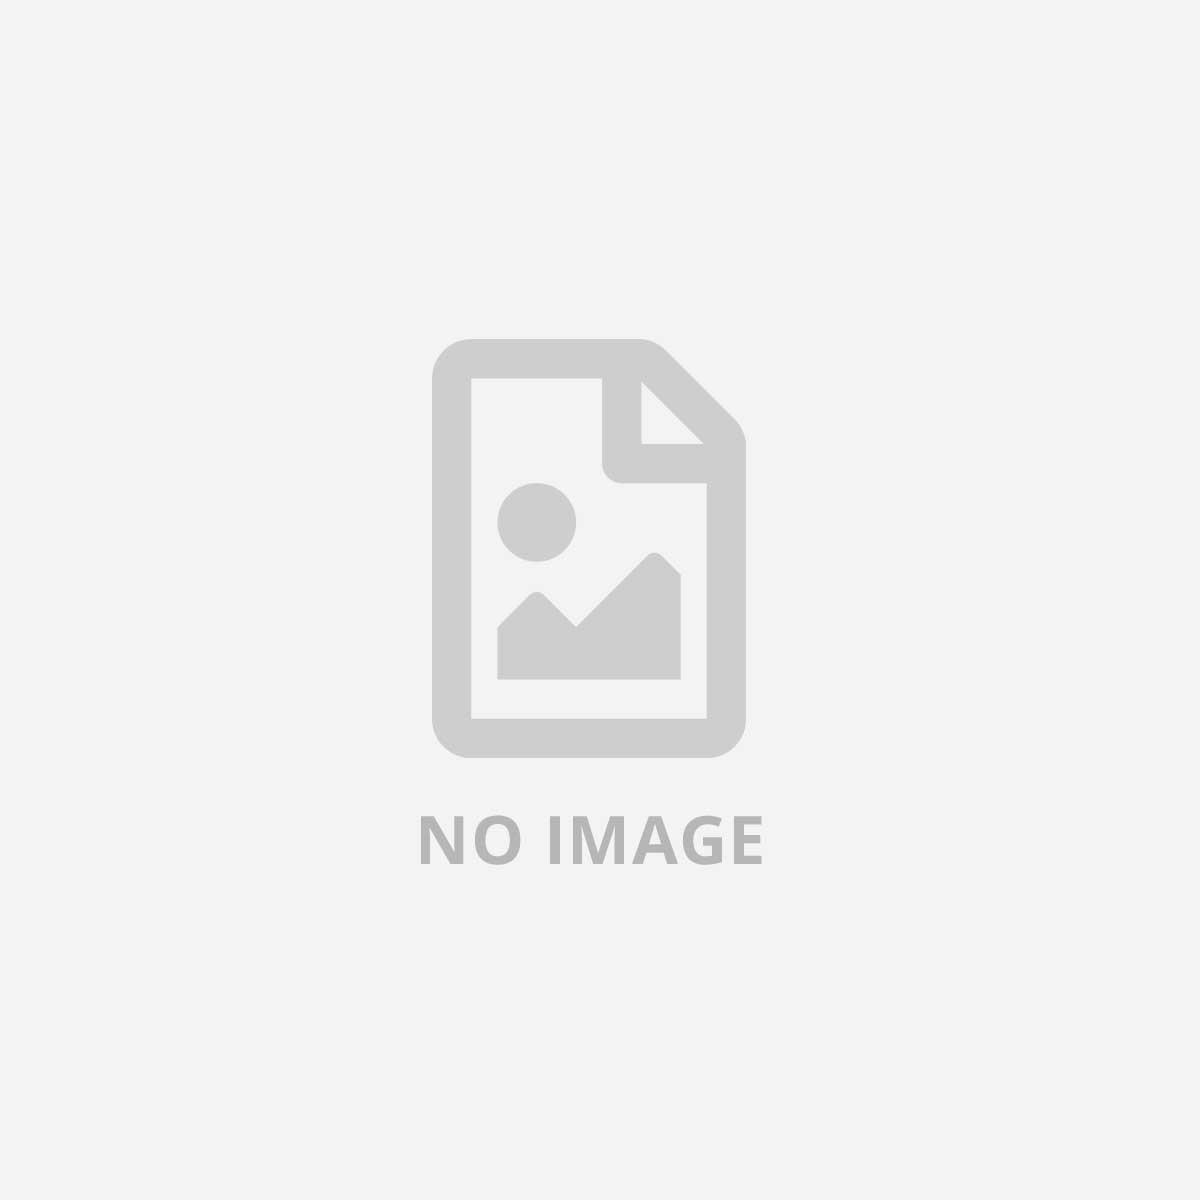 NILOX LETTORE MEMORY INTERNO 3 COLORI+USB